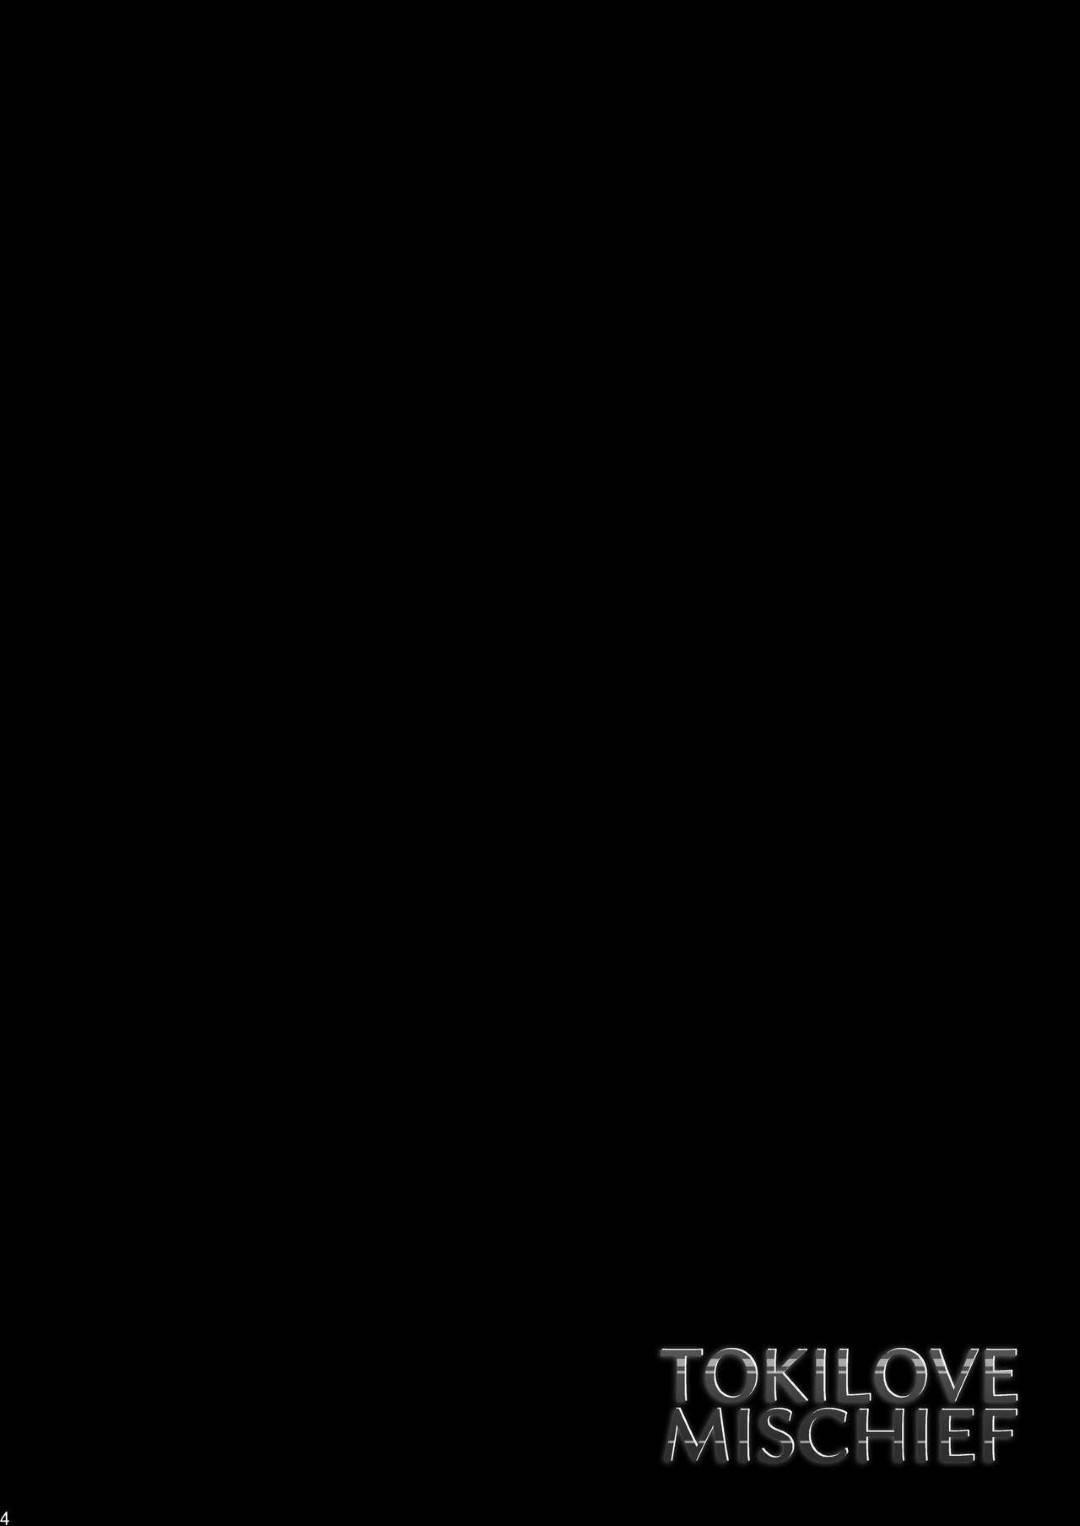 【エロ漫画】【エロ漫画】寝ている司令官をフェラチオで起こさせる艦娘の時津風…フェラ抜きで司令官をビクビクさせて騎乗位挿入から本気イキセックスに発展してしまう!【鳴海也:TOKI LOVE MISCHIEF】